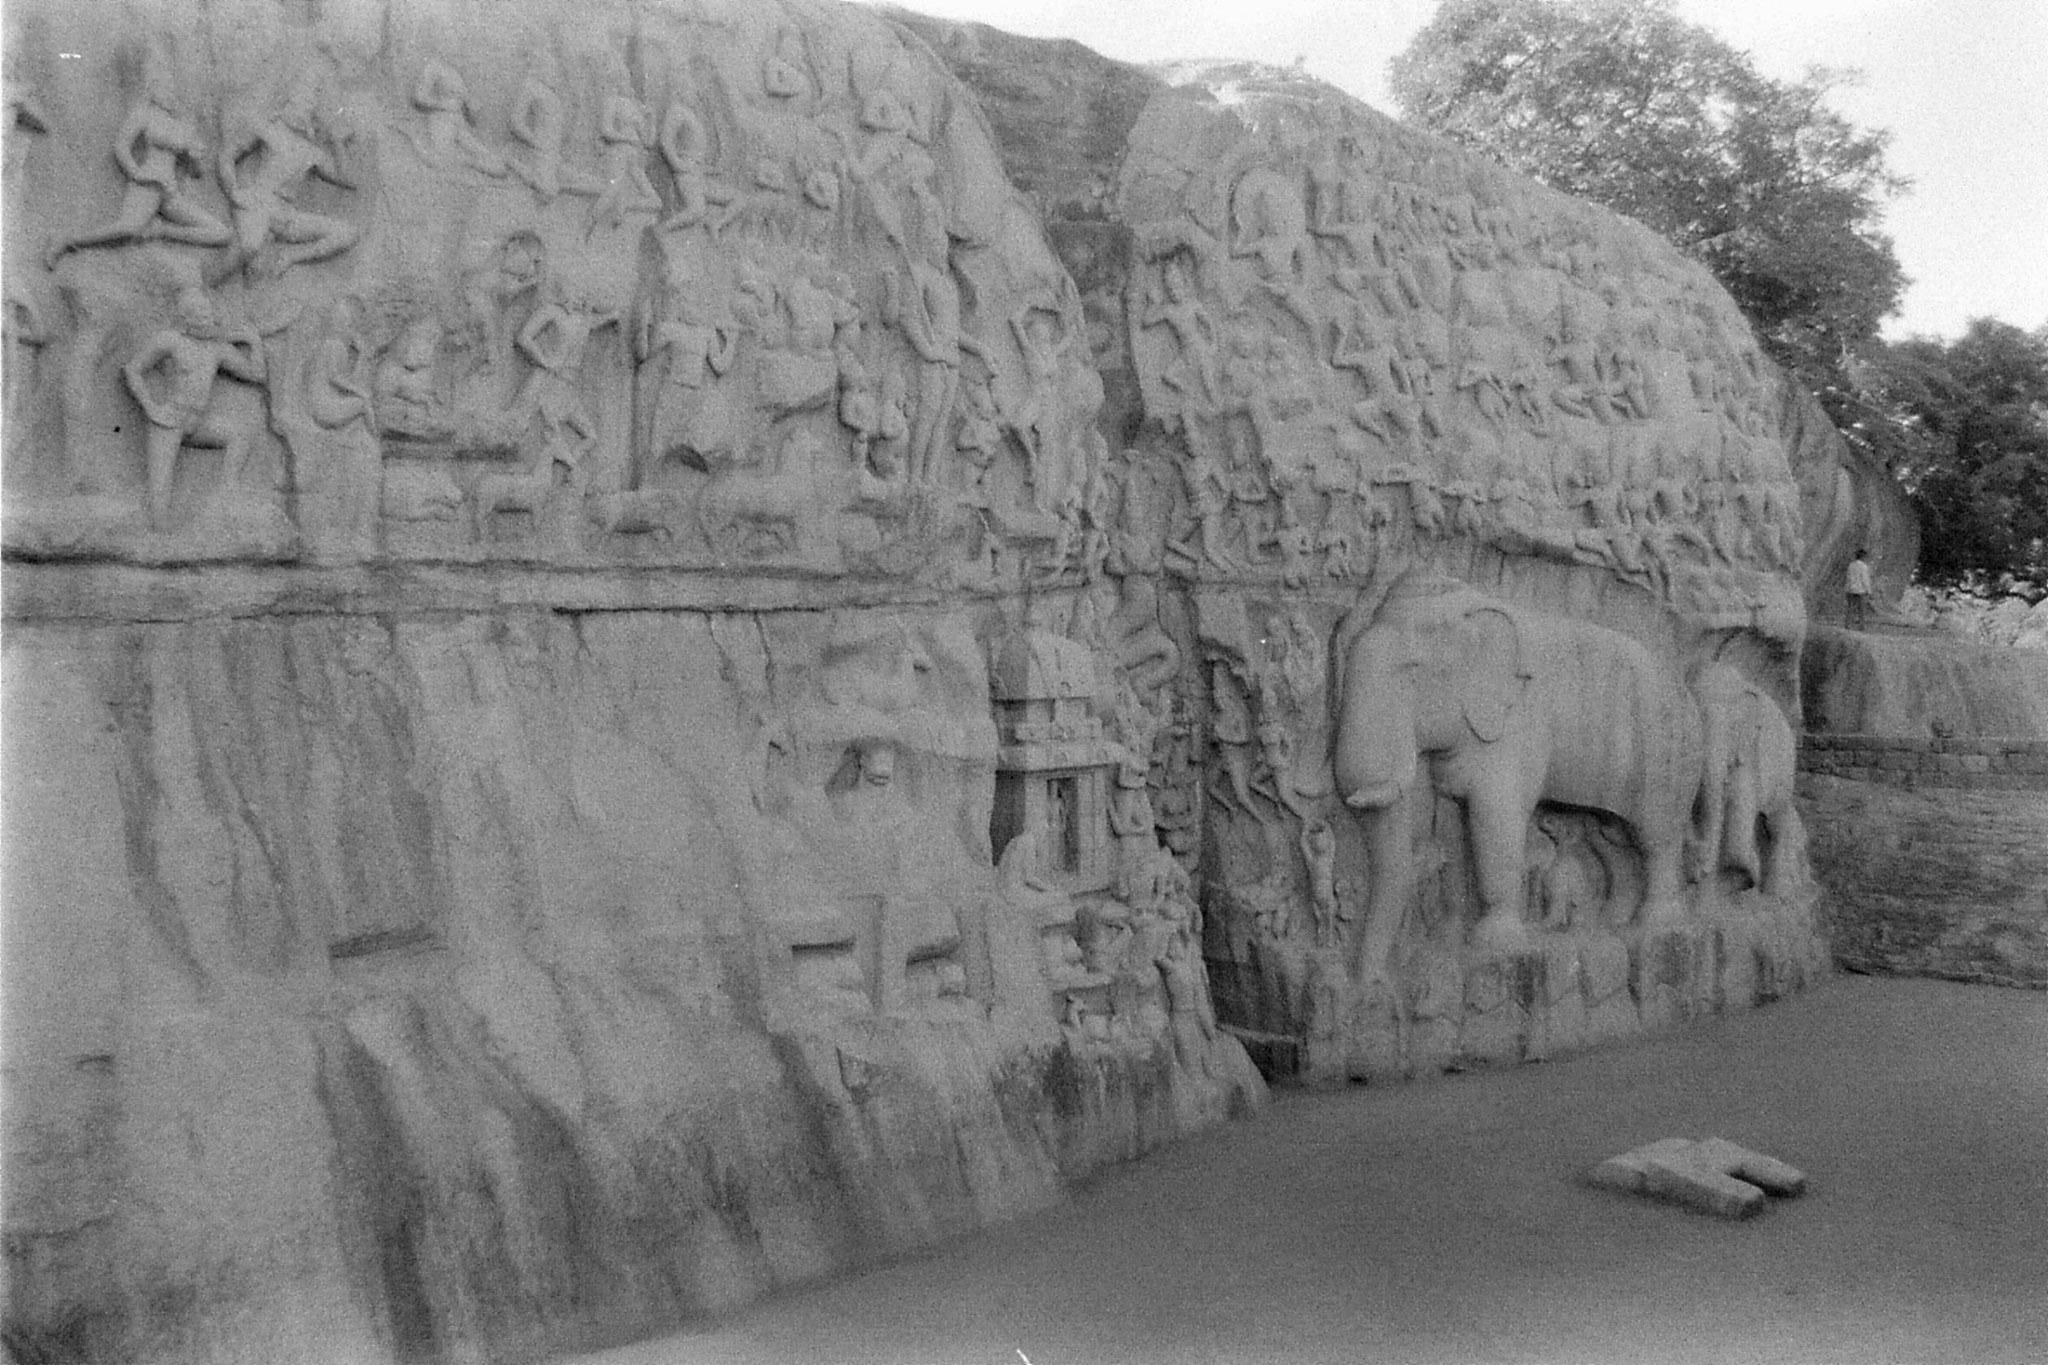 19/1/90: 28: Mahabalipuram - Arjuna penance to Shiva